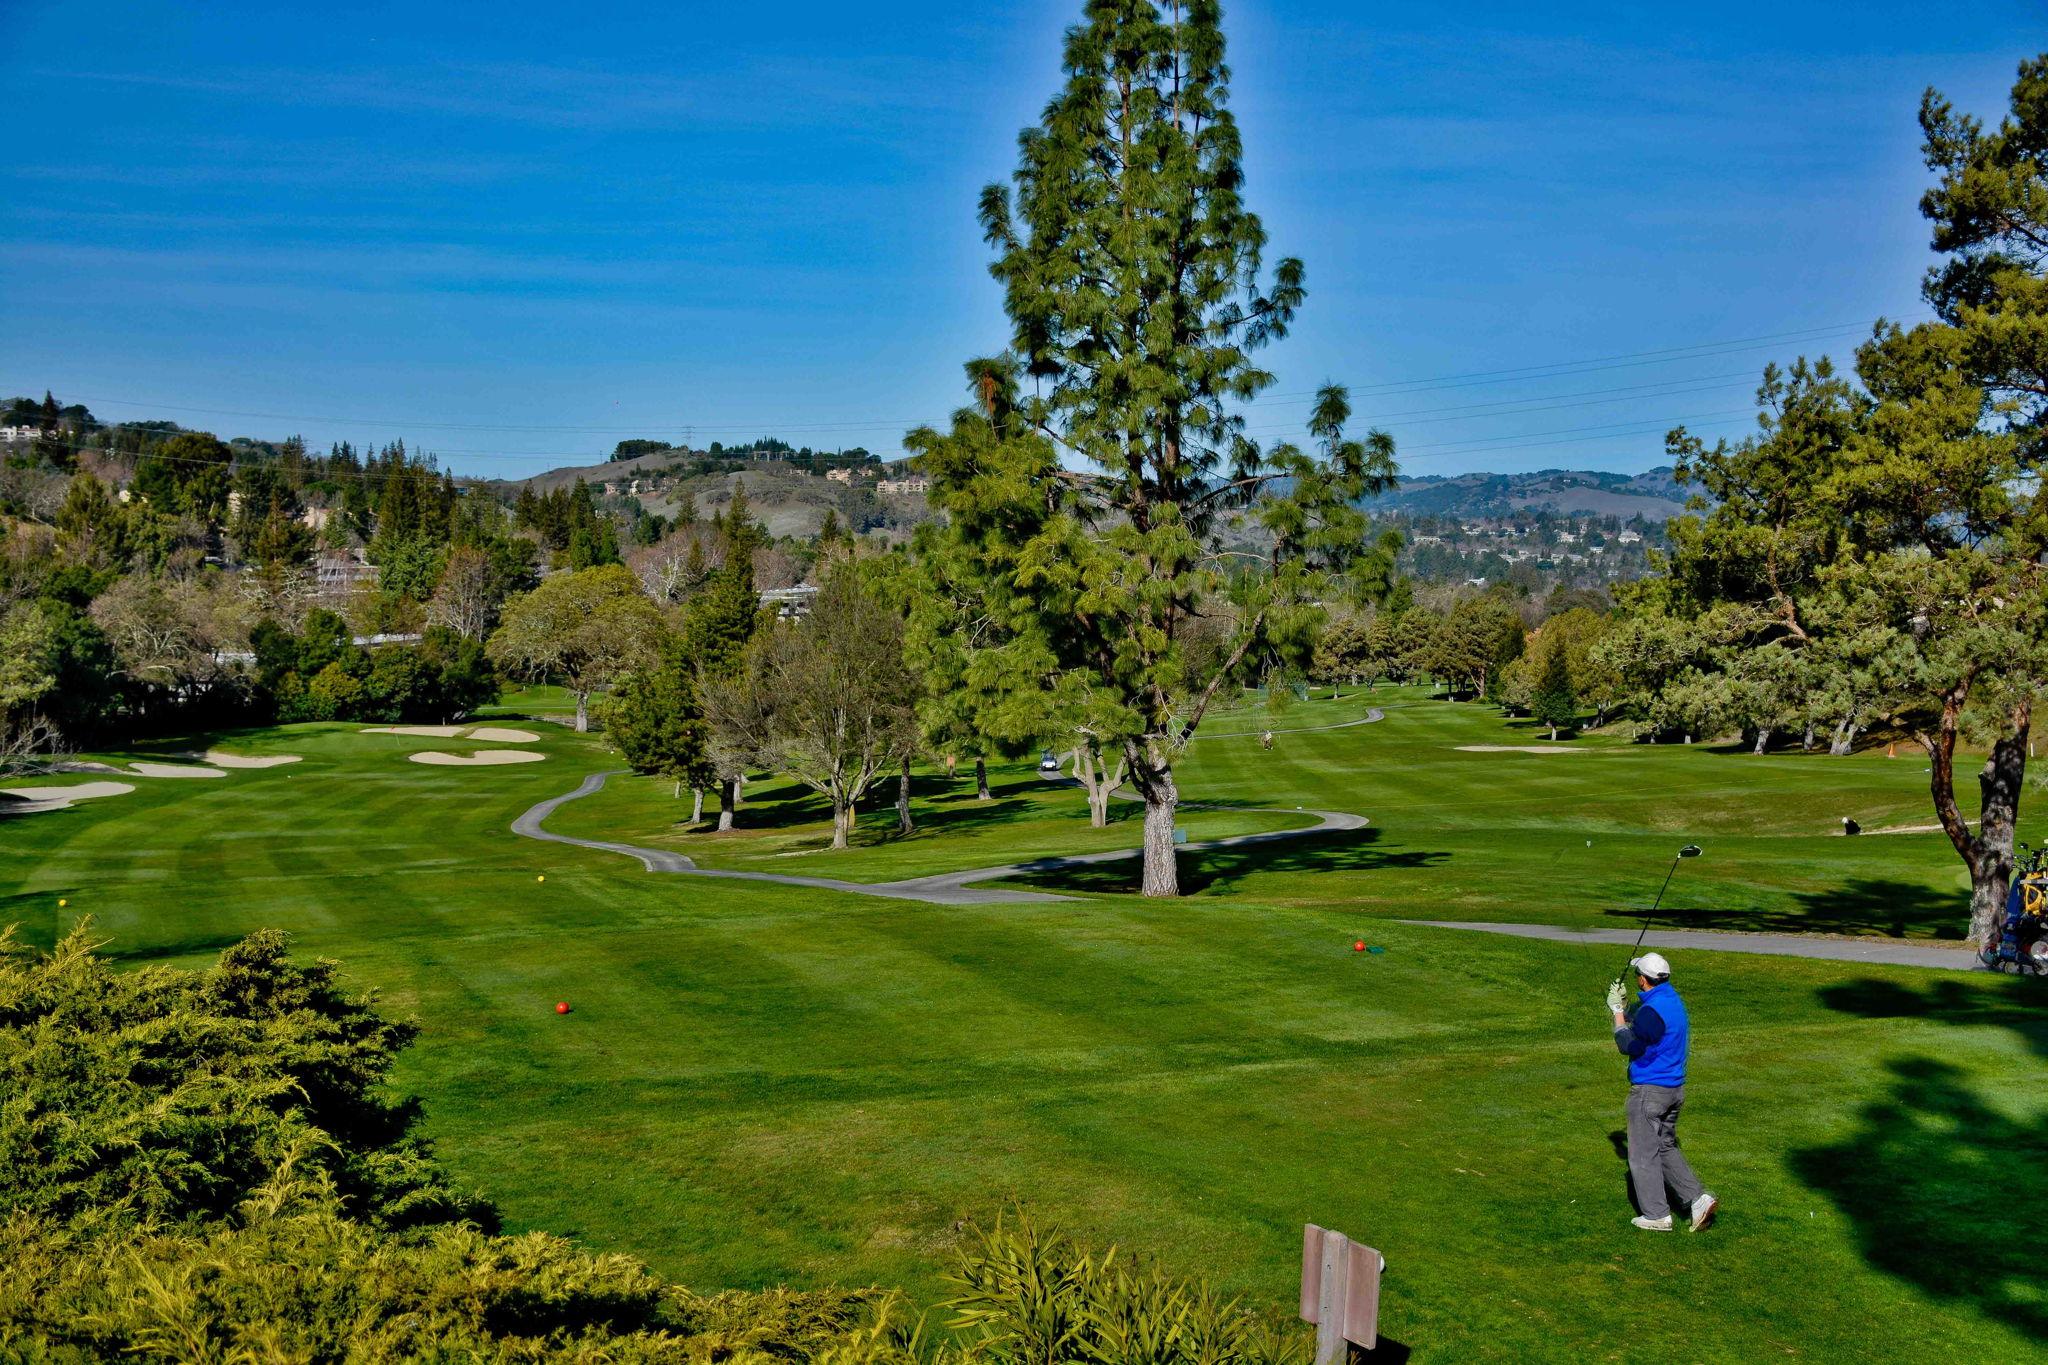 Rossmoor Golf Course